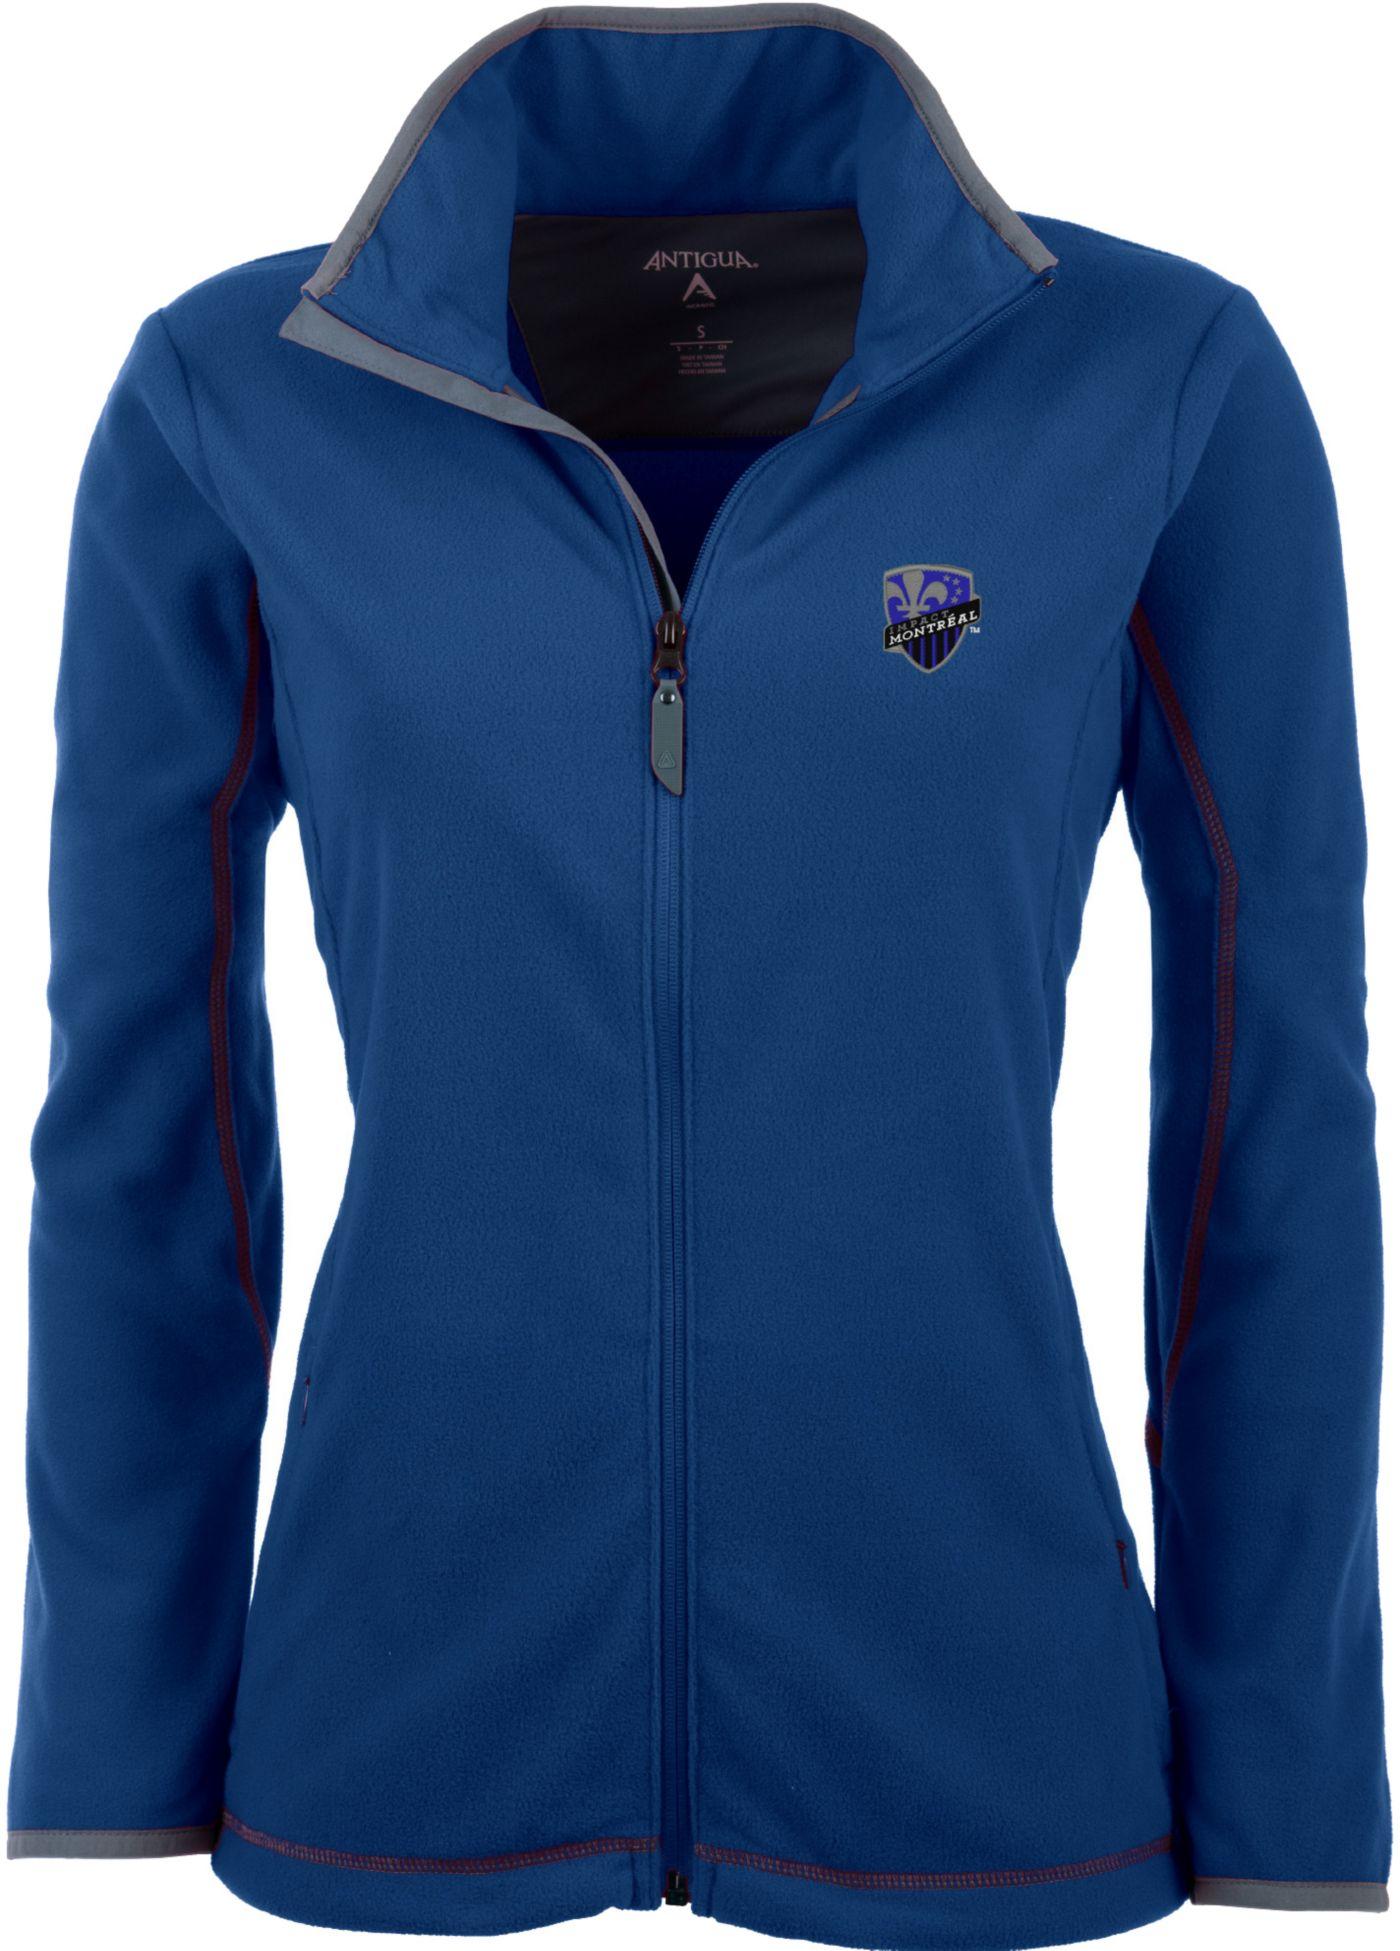 Antigua Women's Montreal Impact Royal Ice Full-Zip Fleece Jacket